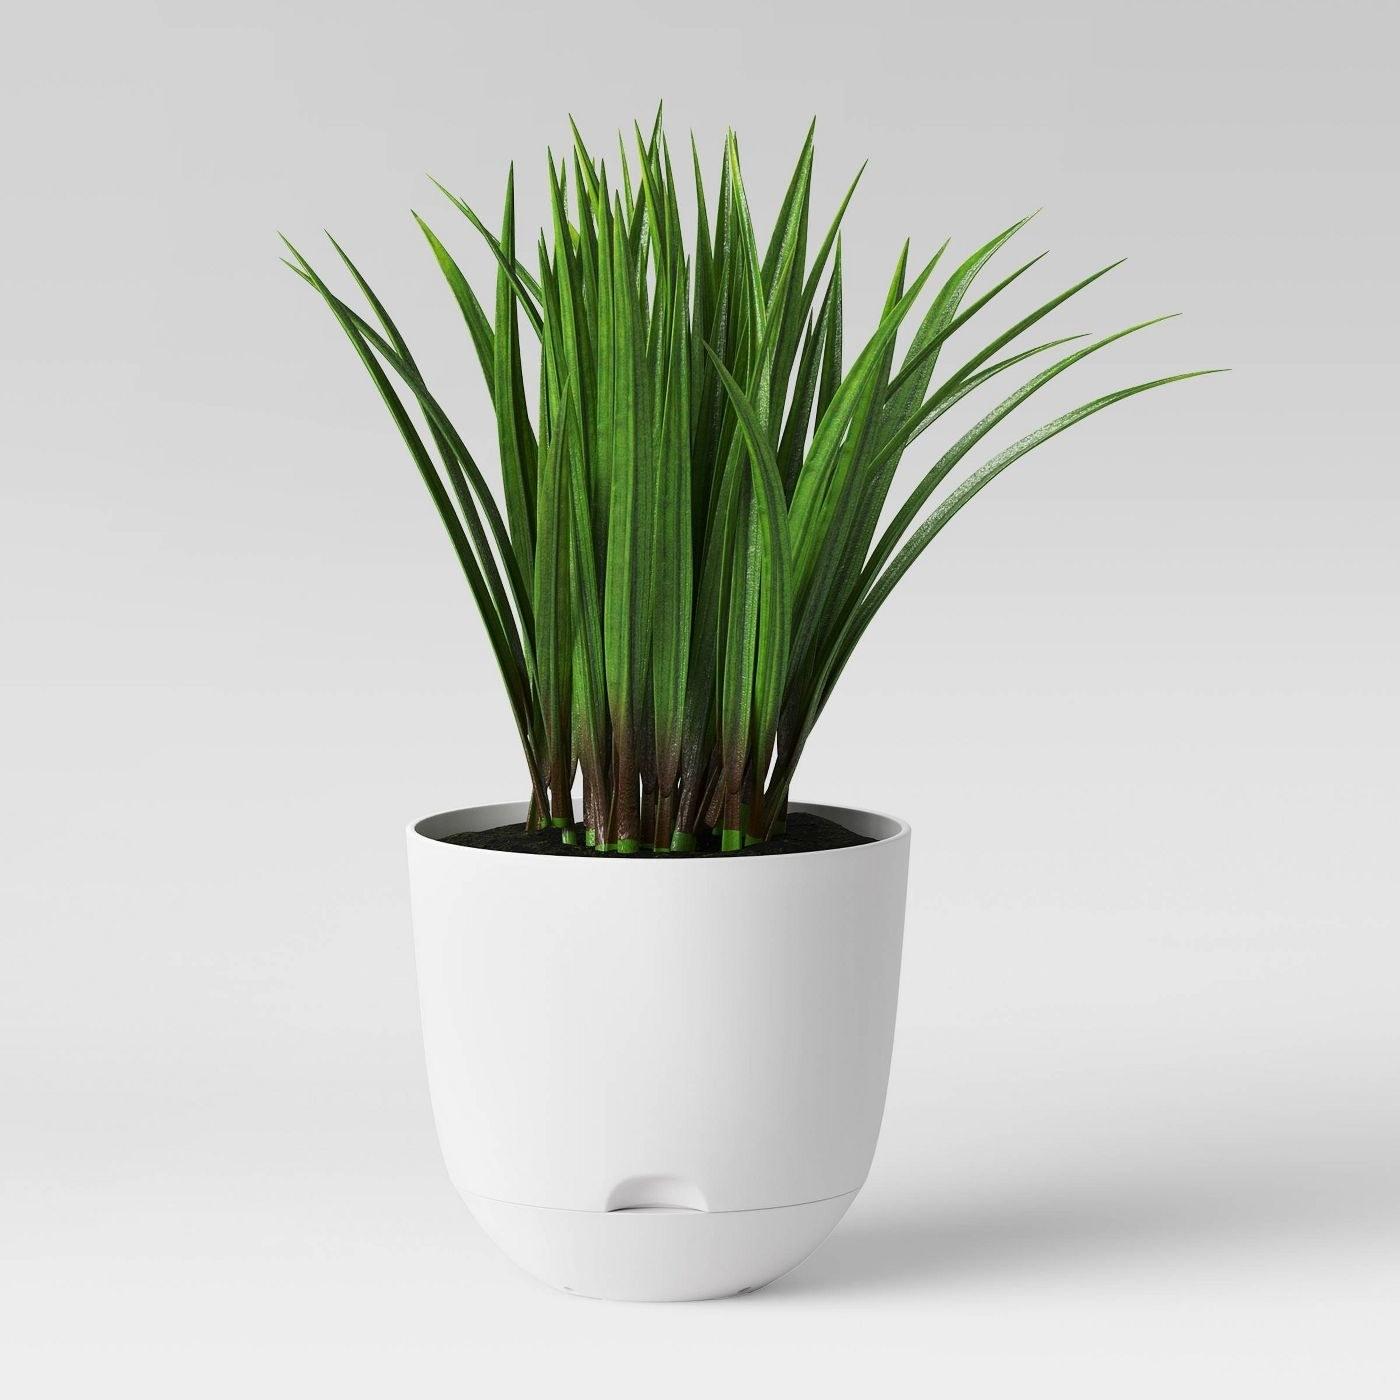 A white self-watering pot